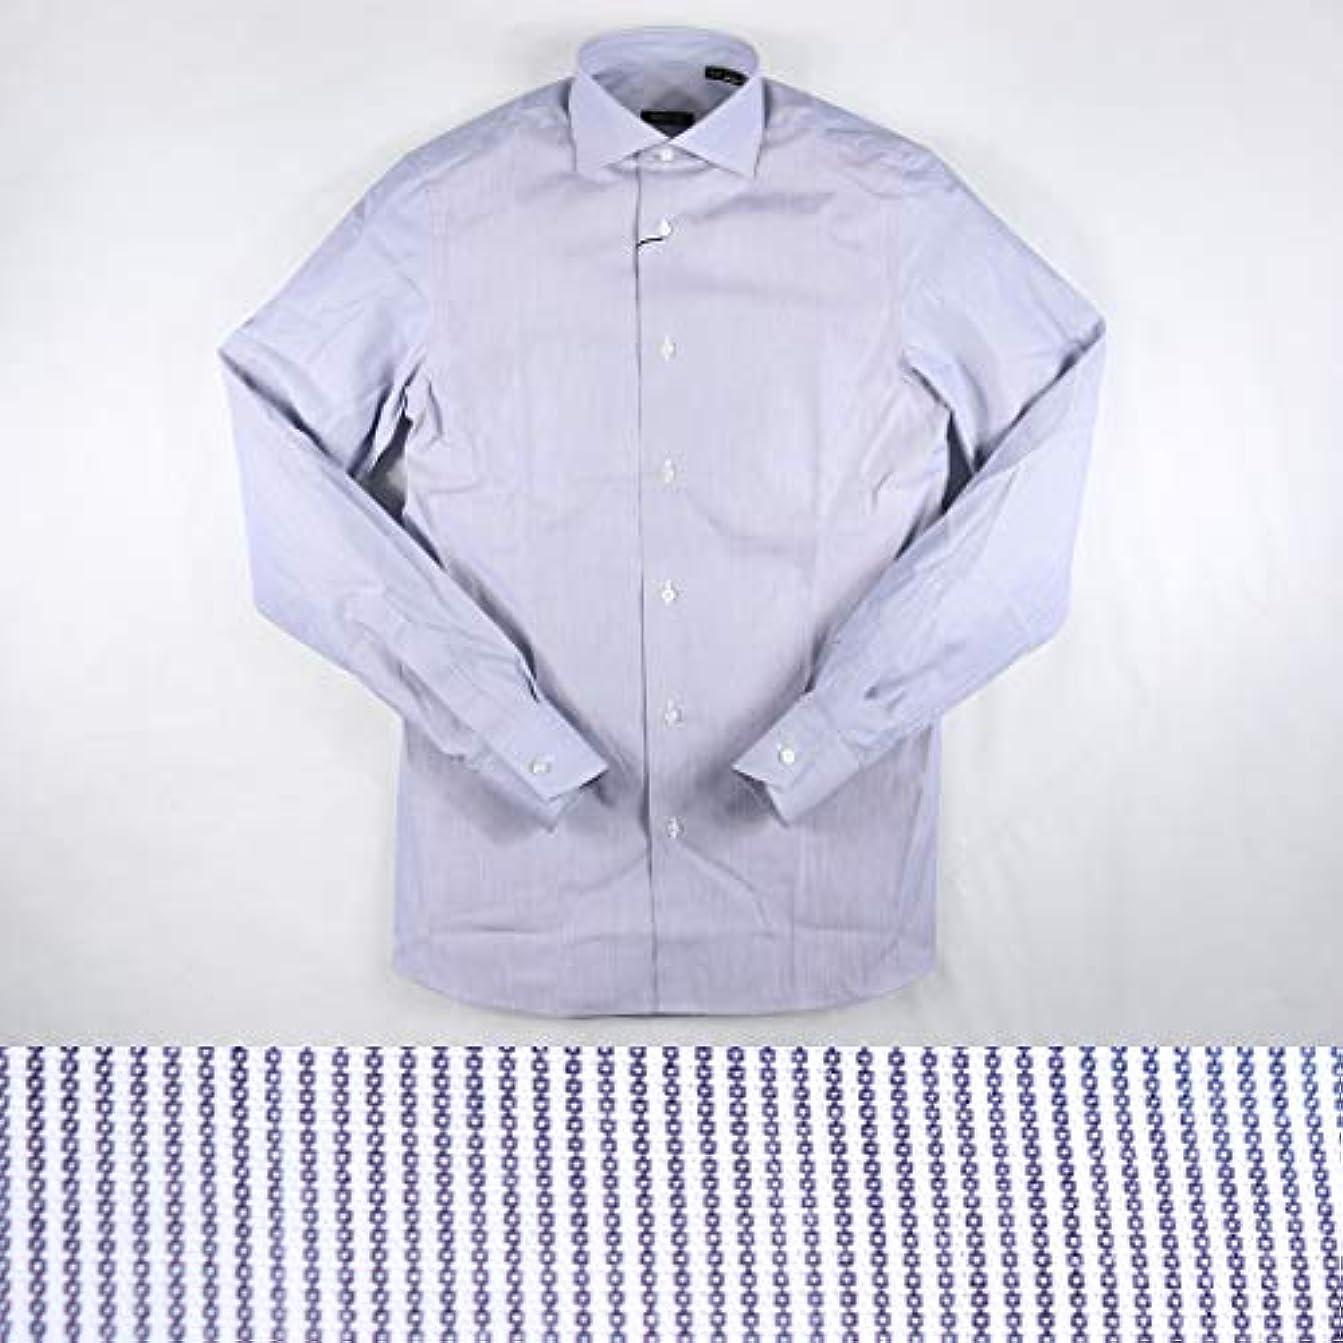 護衛ボーナスまばたきGUIDUCCI ストライプ 長袖シャツ GU0007 gray 41 12549【A12555】 グイドゥッチ [並行輸入品]